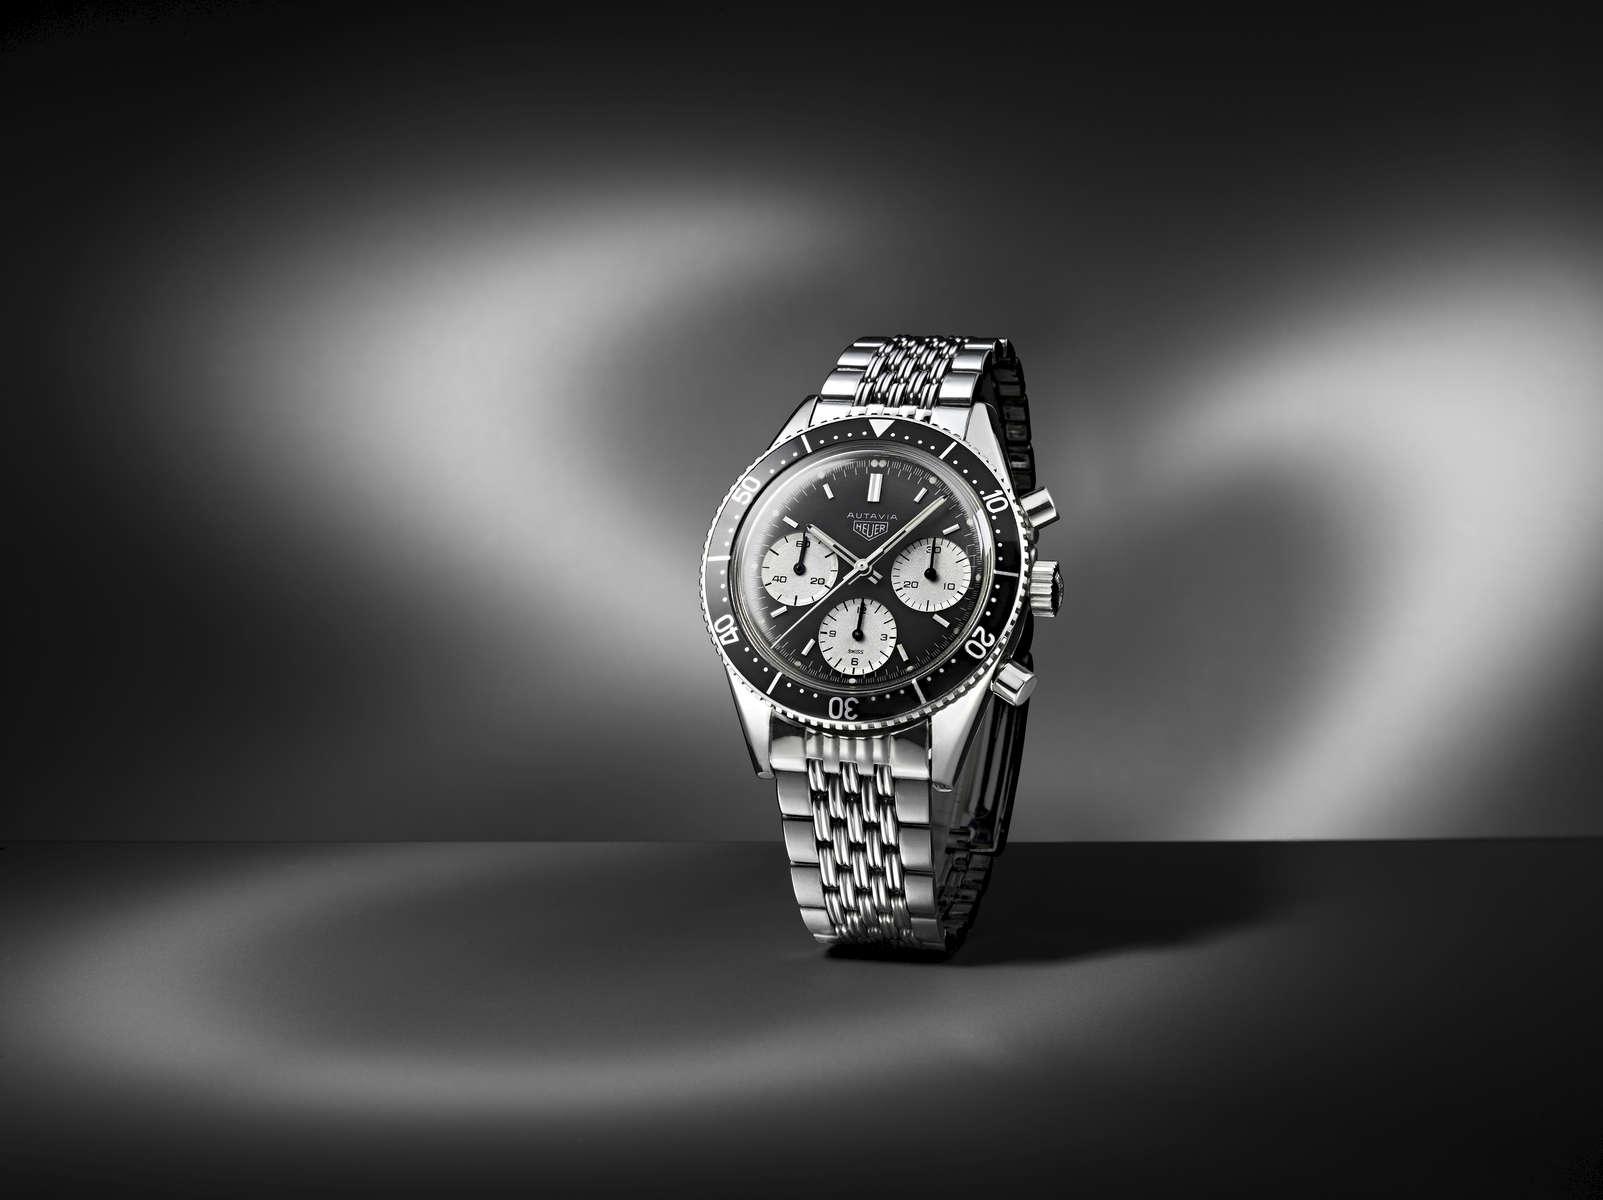 horlogerie #13